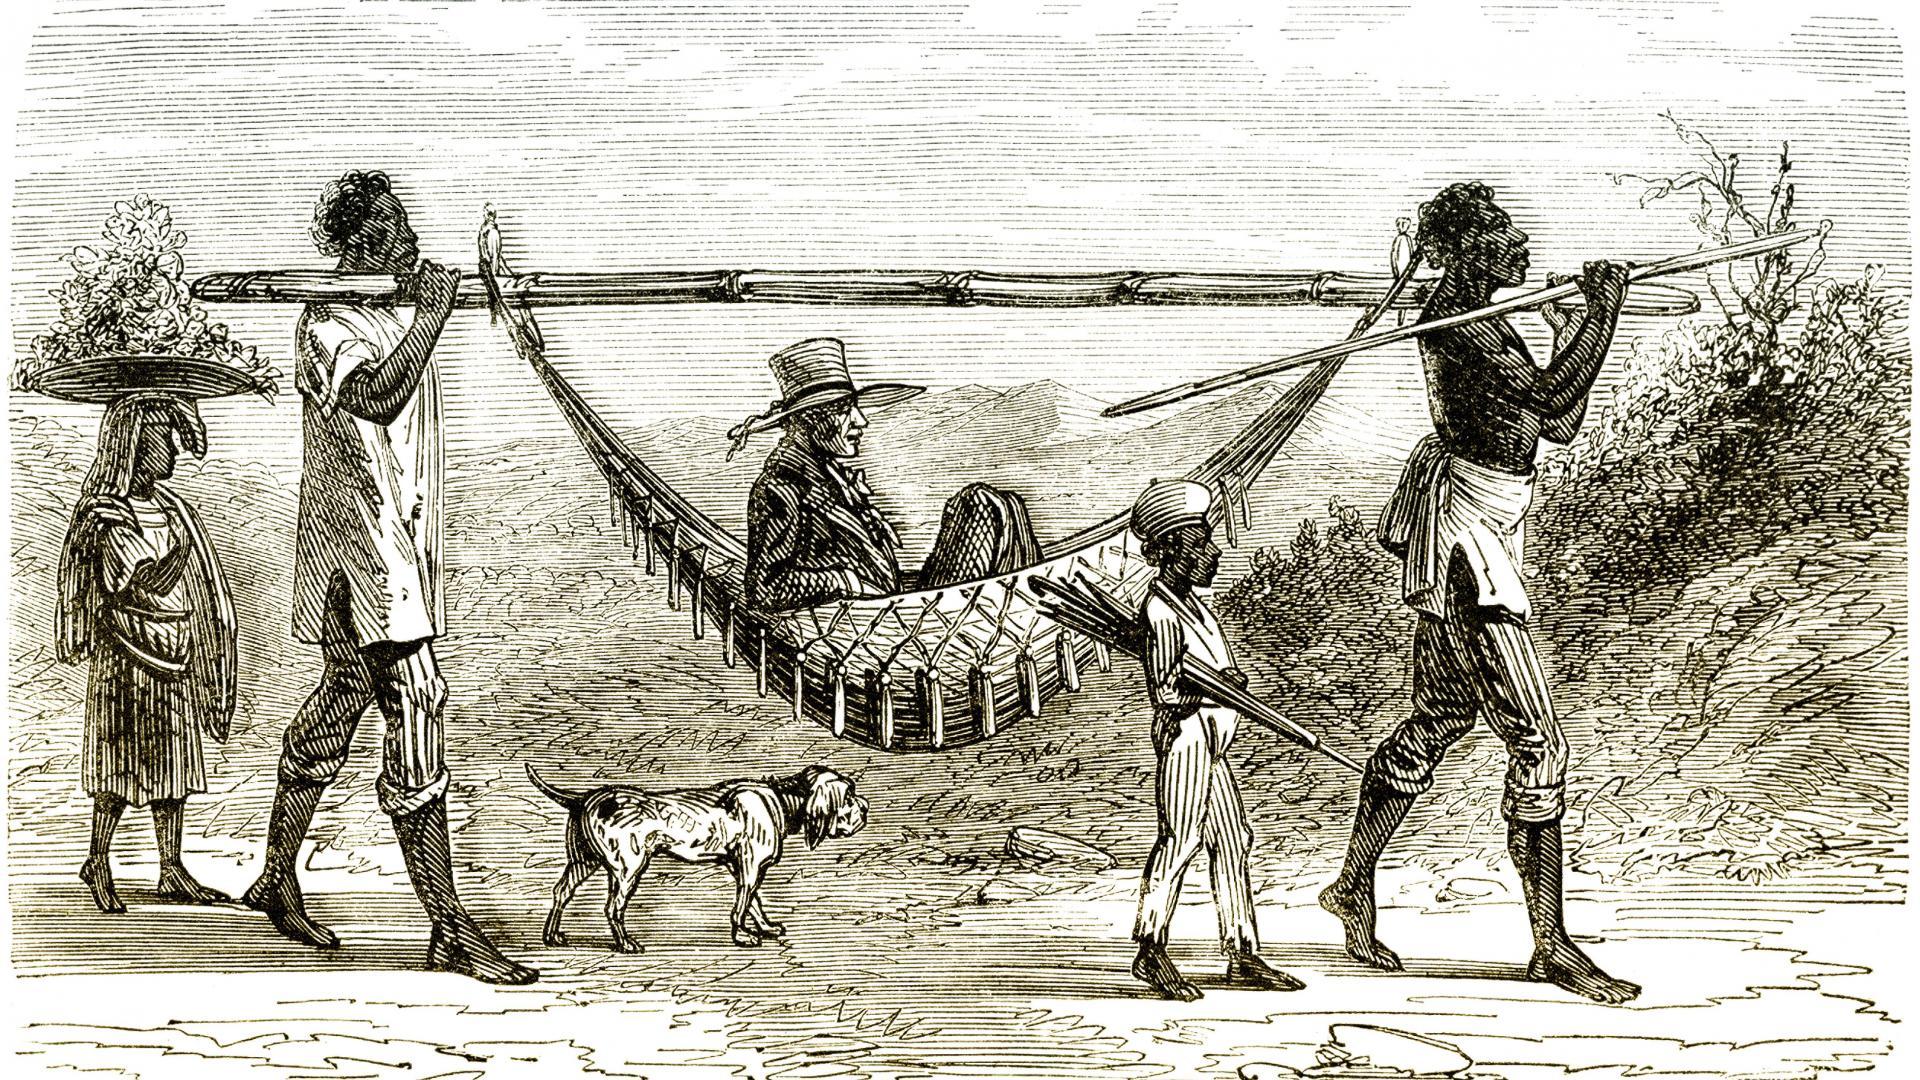 Die Verbrecher der Kolonialzeit in Amerika, Indianer